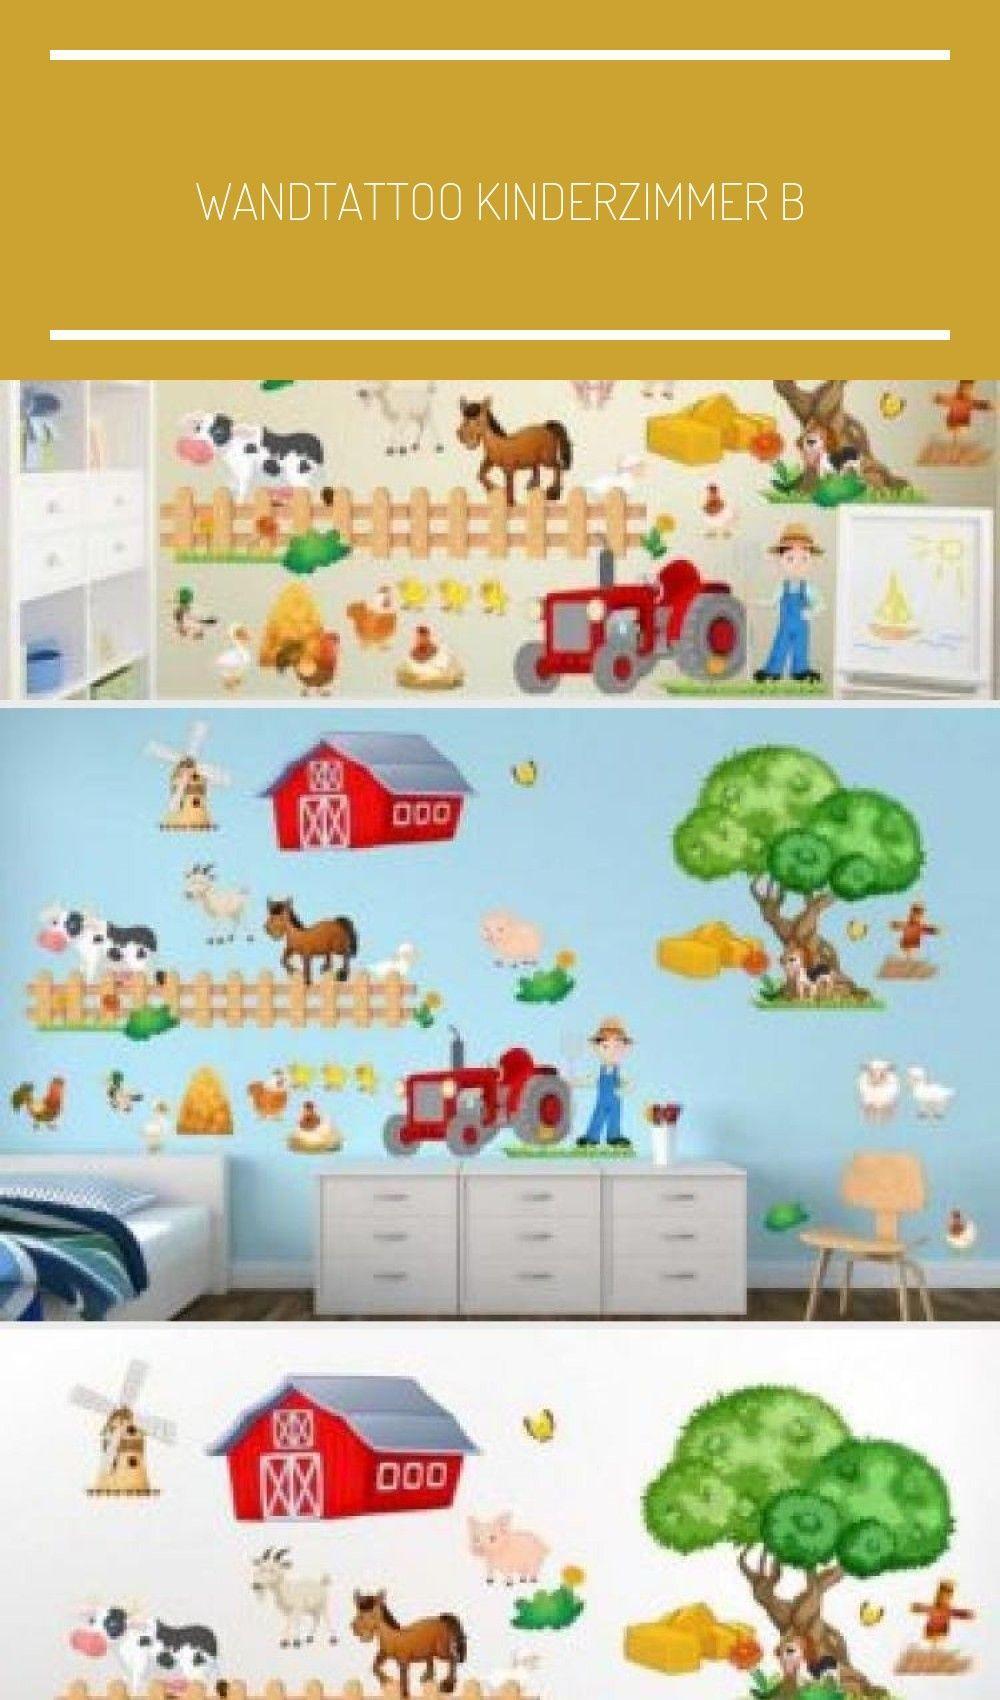 Wandtattoo Kinderzimmer Bauernhof Niedliche Tiere Mit Kuh Schwein Ziege Huhner Schafe Pfe In 2020 Wandtattoo Kinderzimmer Kindergarten Wandtattoos Niedliche Tiere